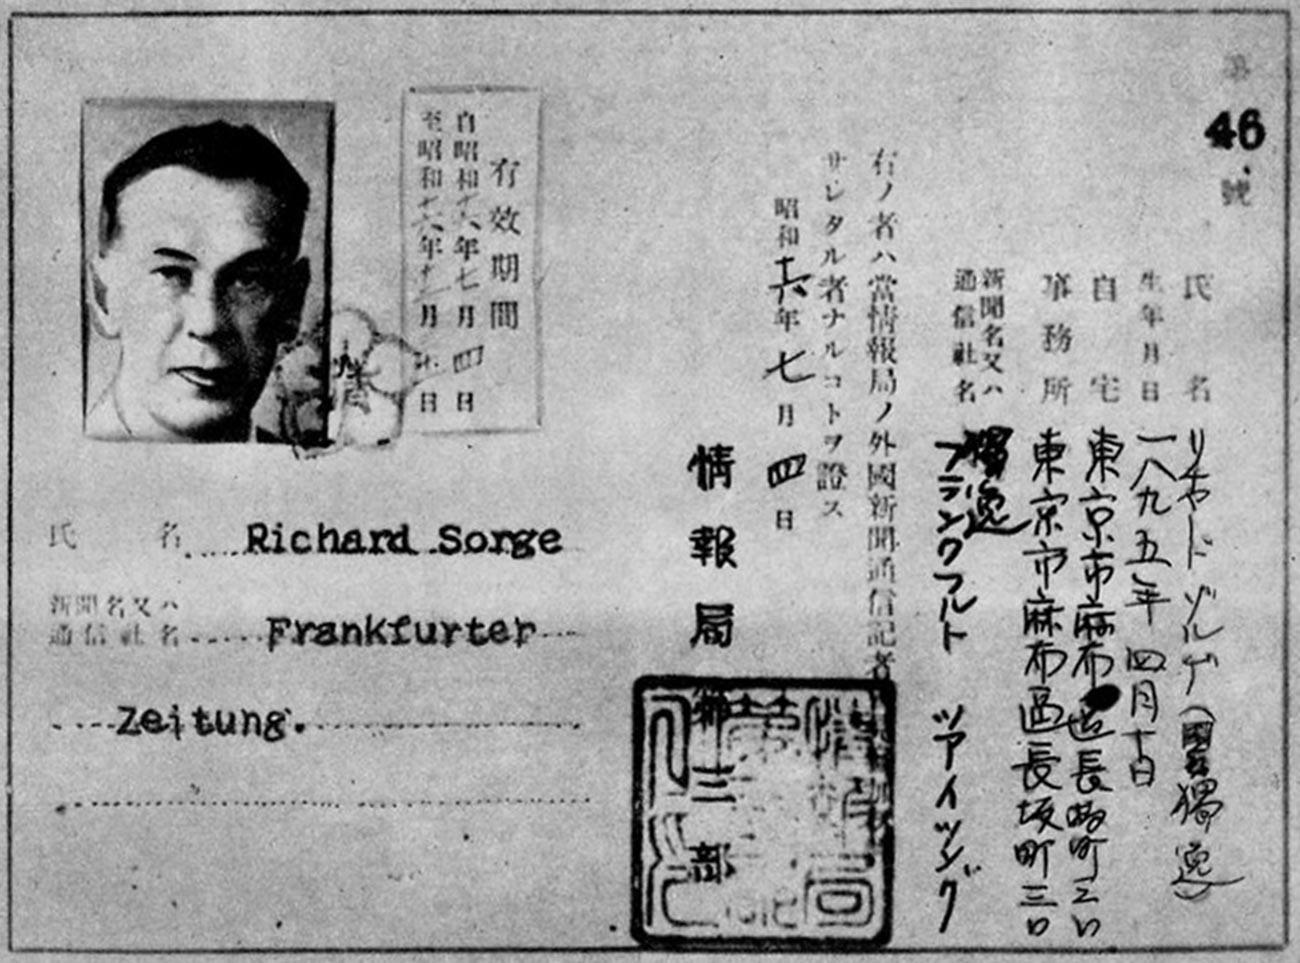 Isprave Richarda Sorgea, glasnogovornika njemačkog veleposlanstva u Japanu.